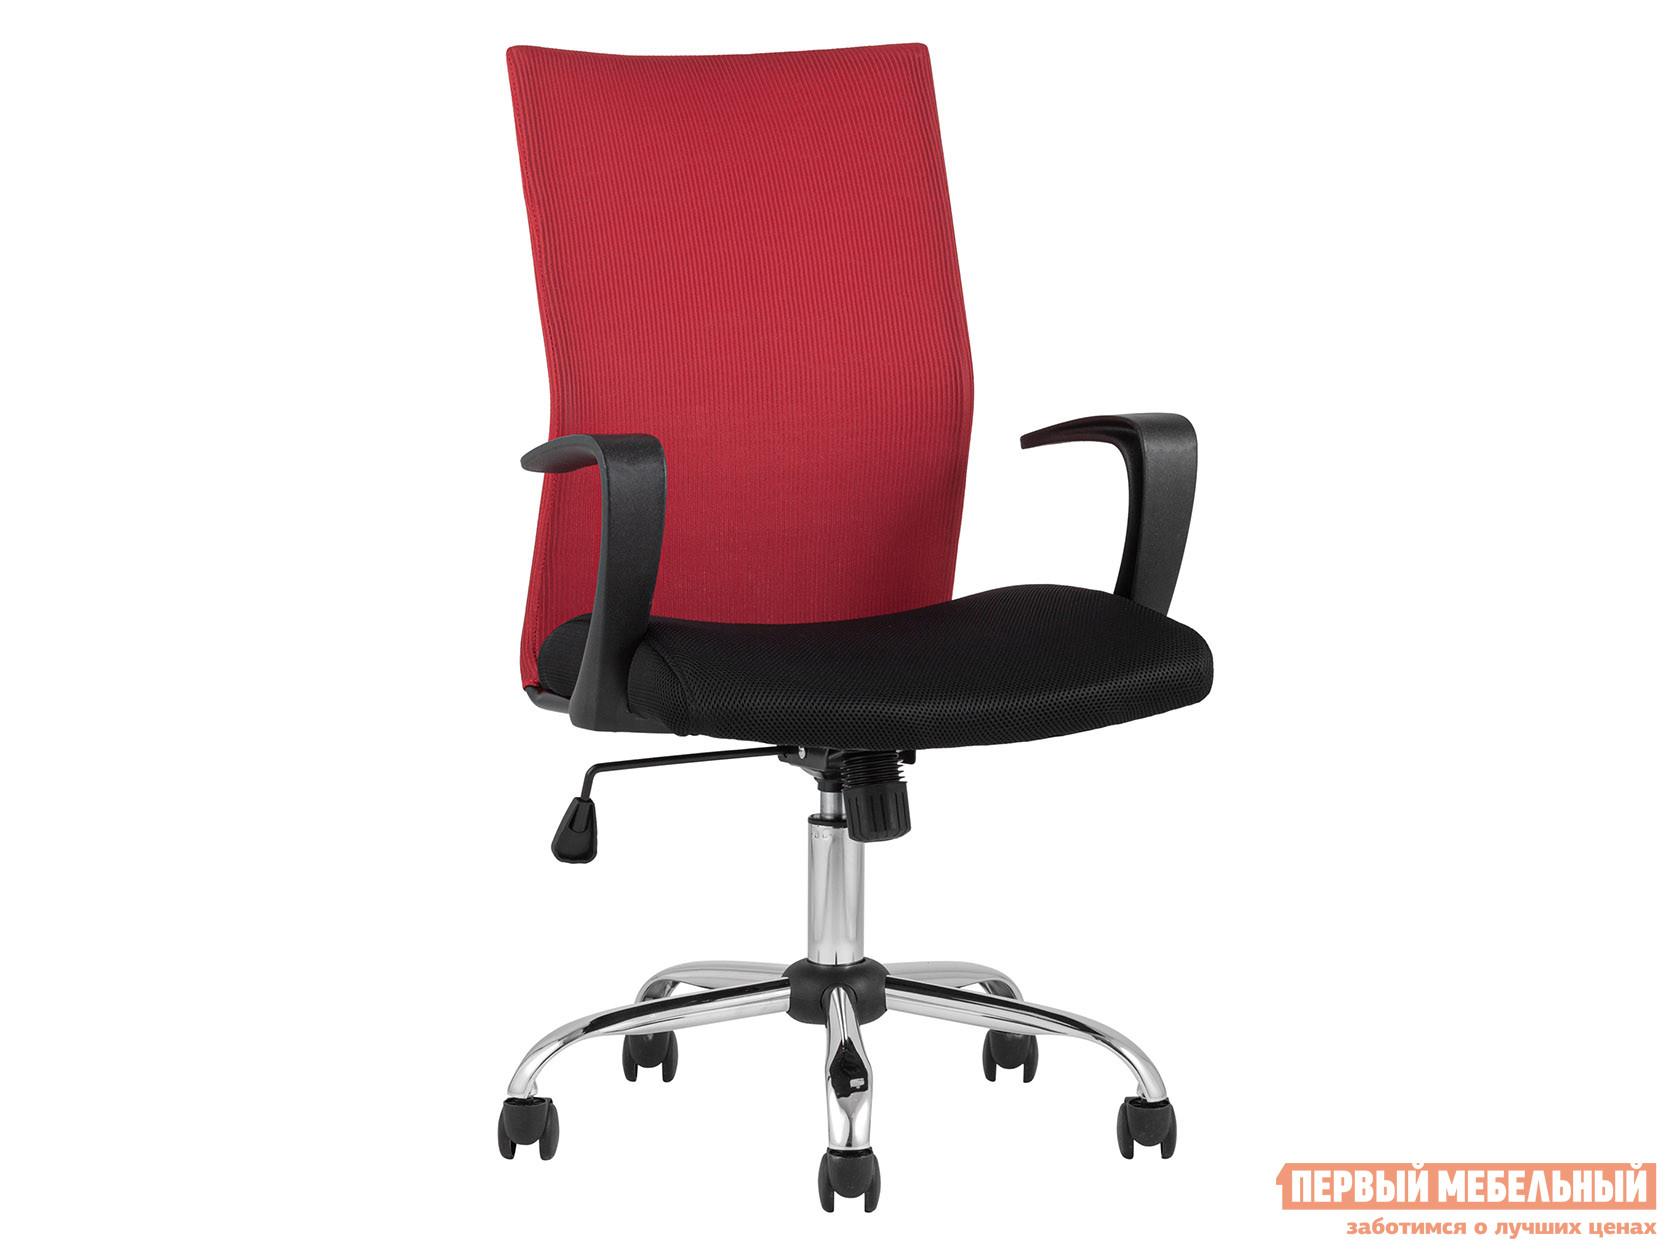 Офисное кресло Stool Group КреслоофисноеTopChairsBalance